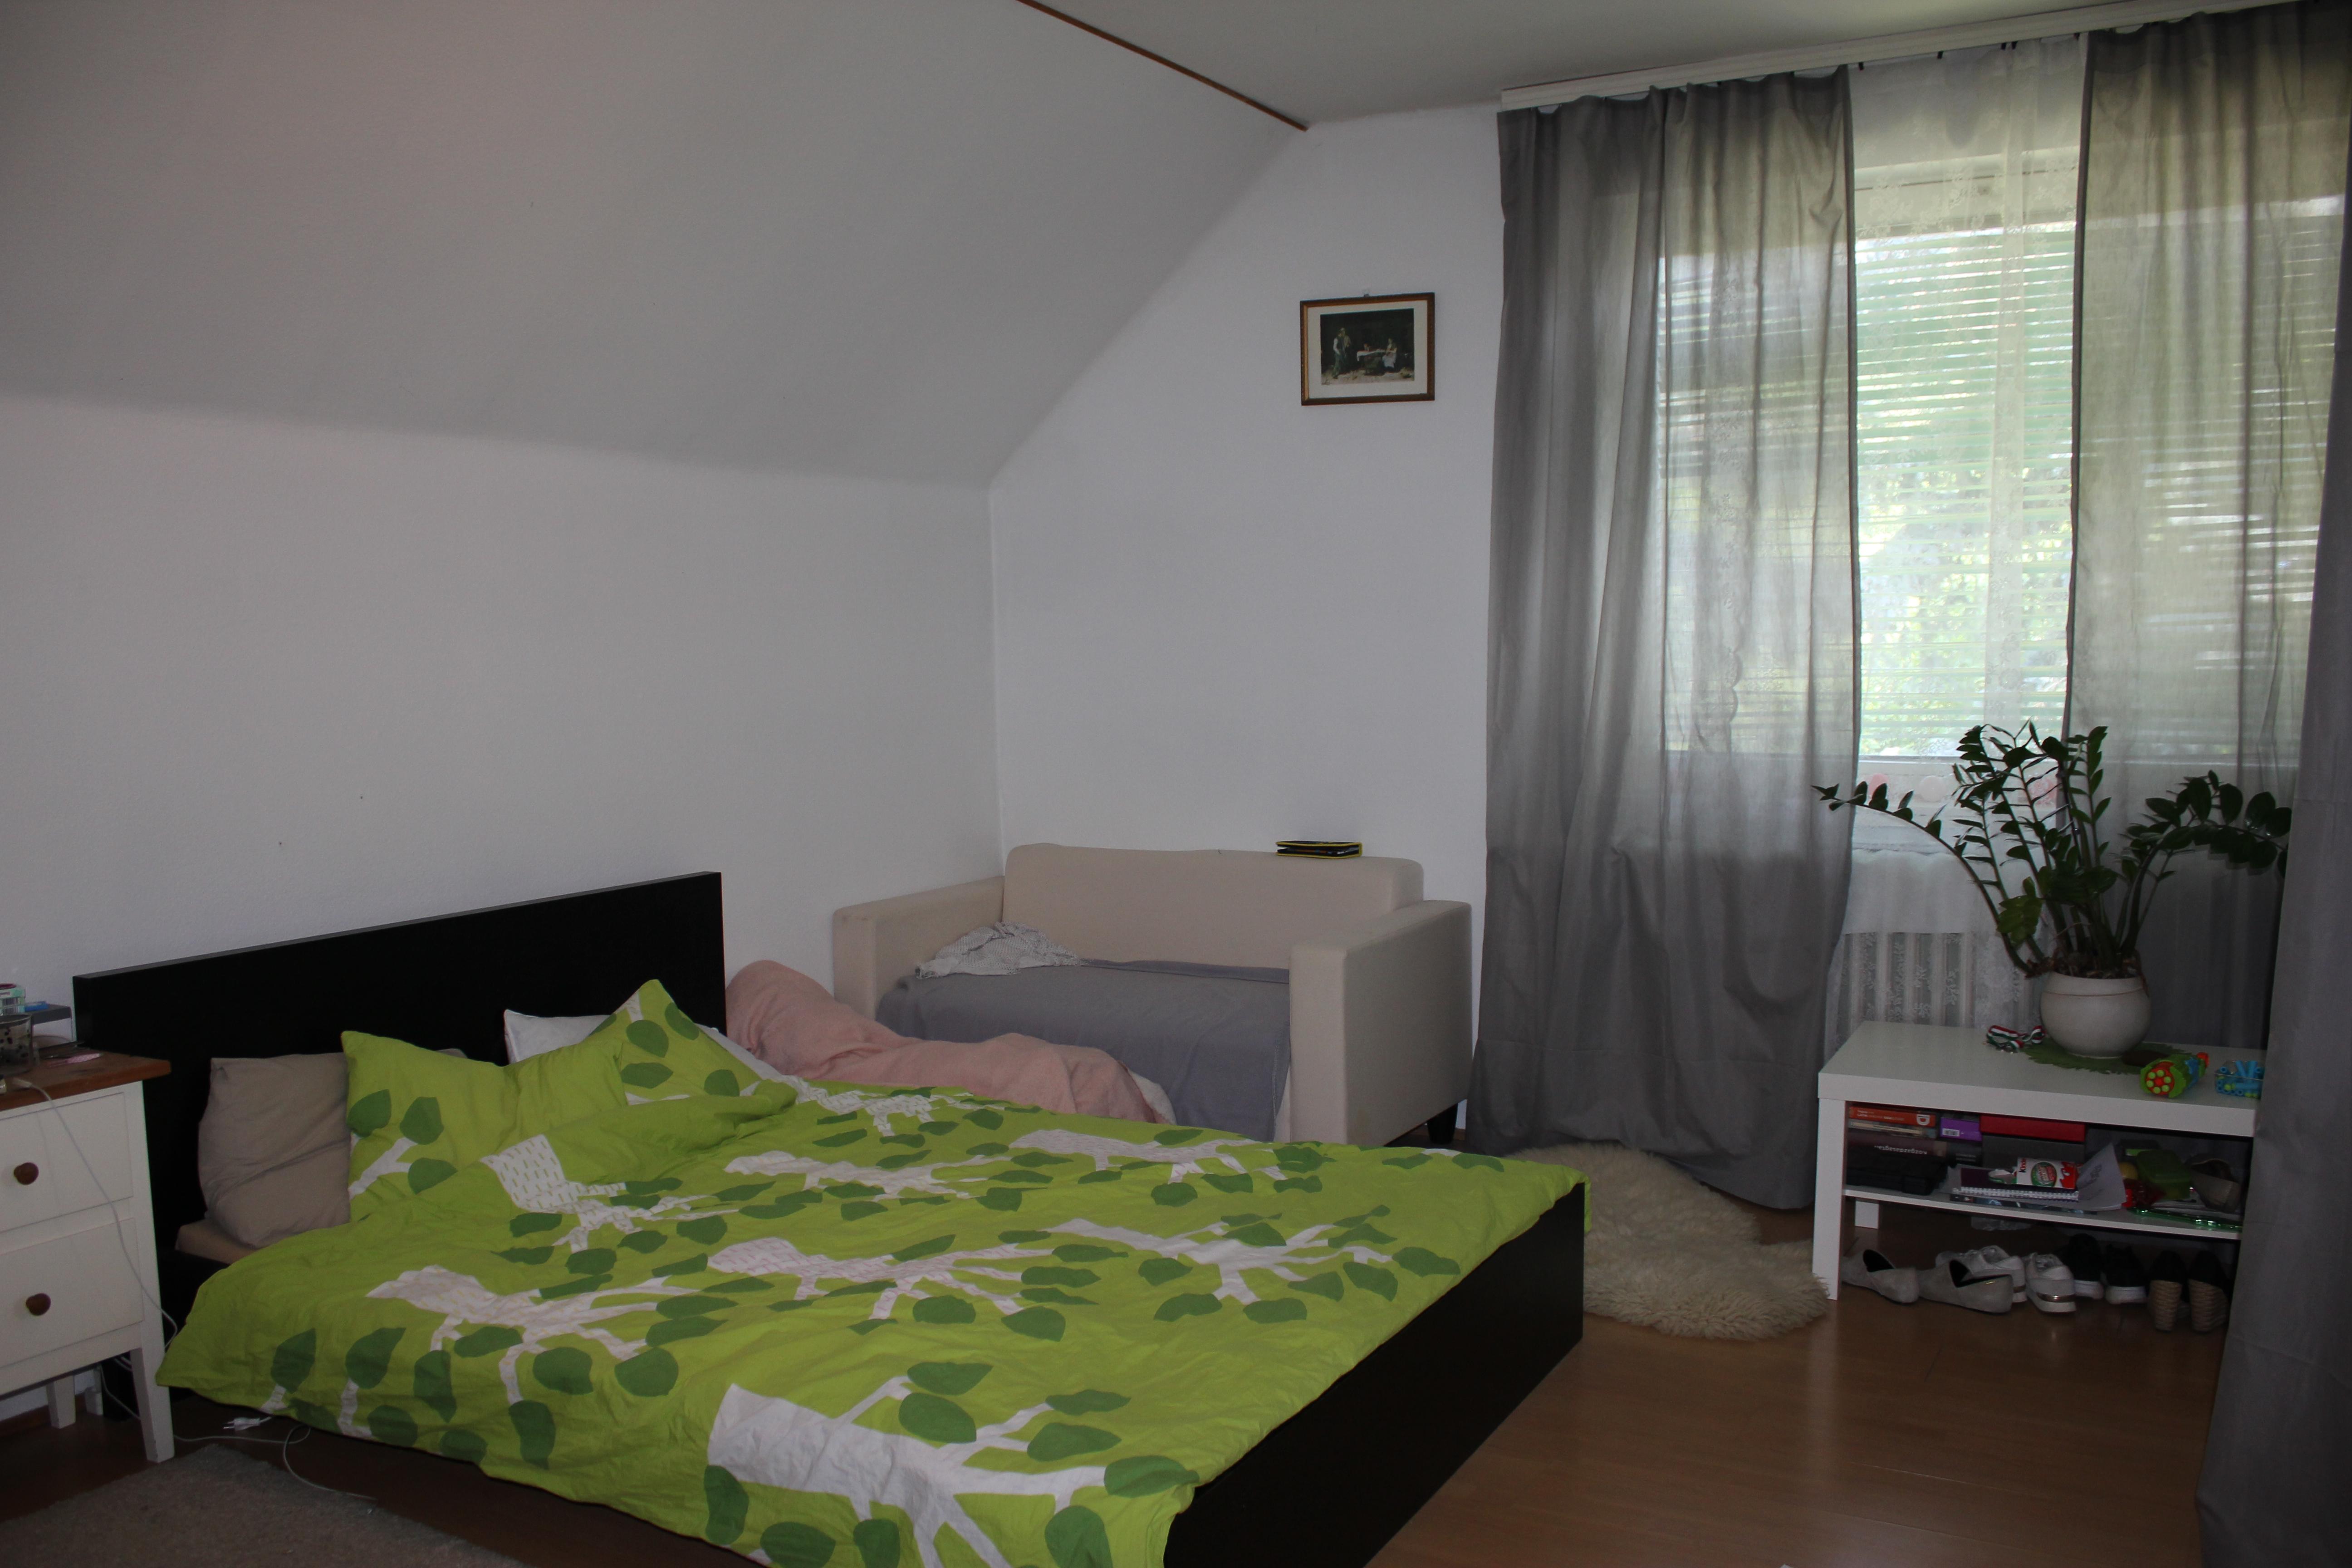 Eladó családi ház - Budakeszi - 300 nm